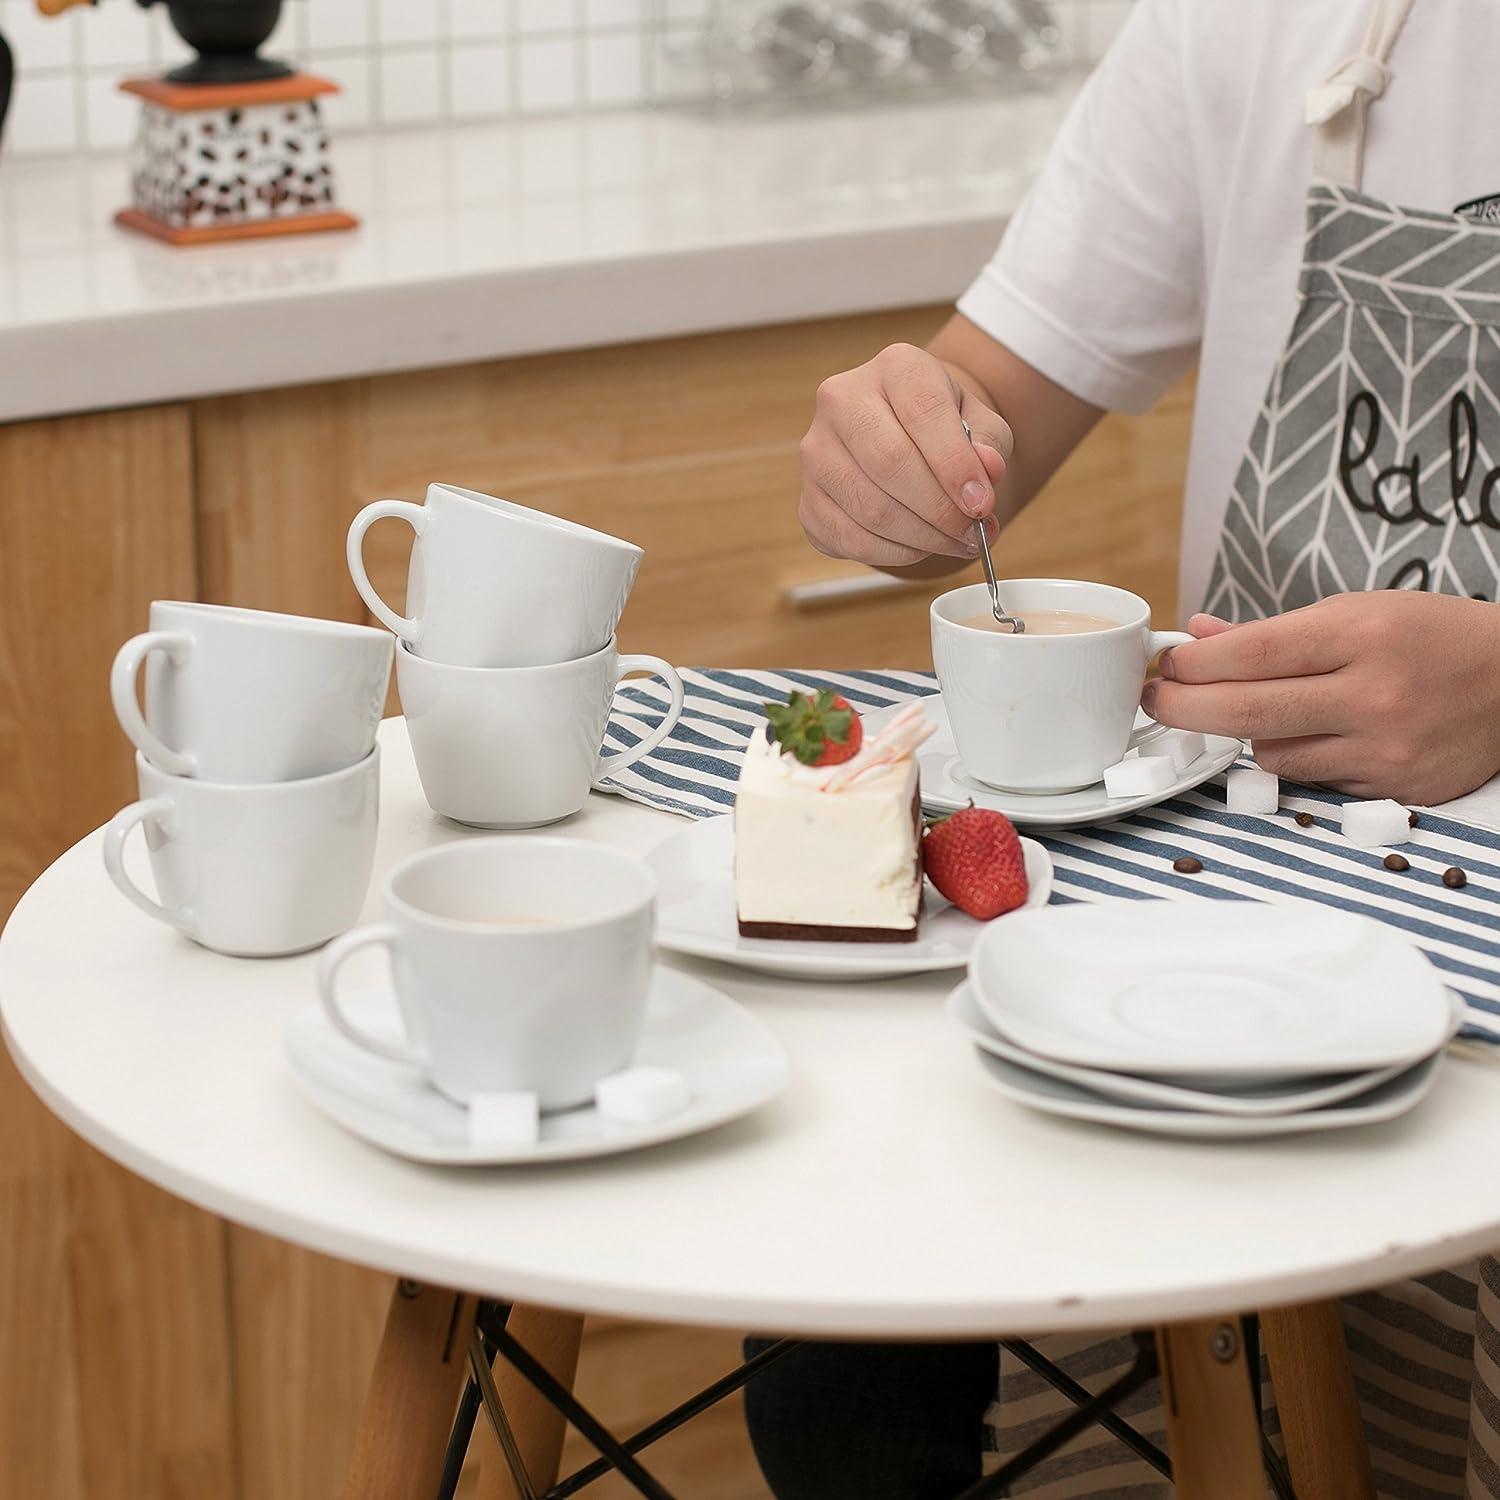 Cuchara Gigante esp/átula Tenedor Tenedor Tenedor Resistente al Calor Songway Soporte de Utensilios de Cocina de Silicona Resto de Cuchara Grey, S